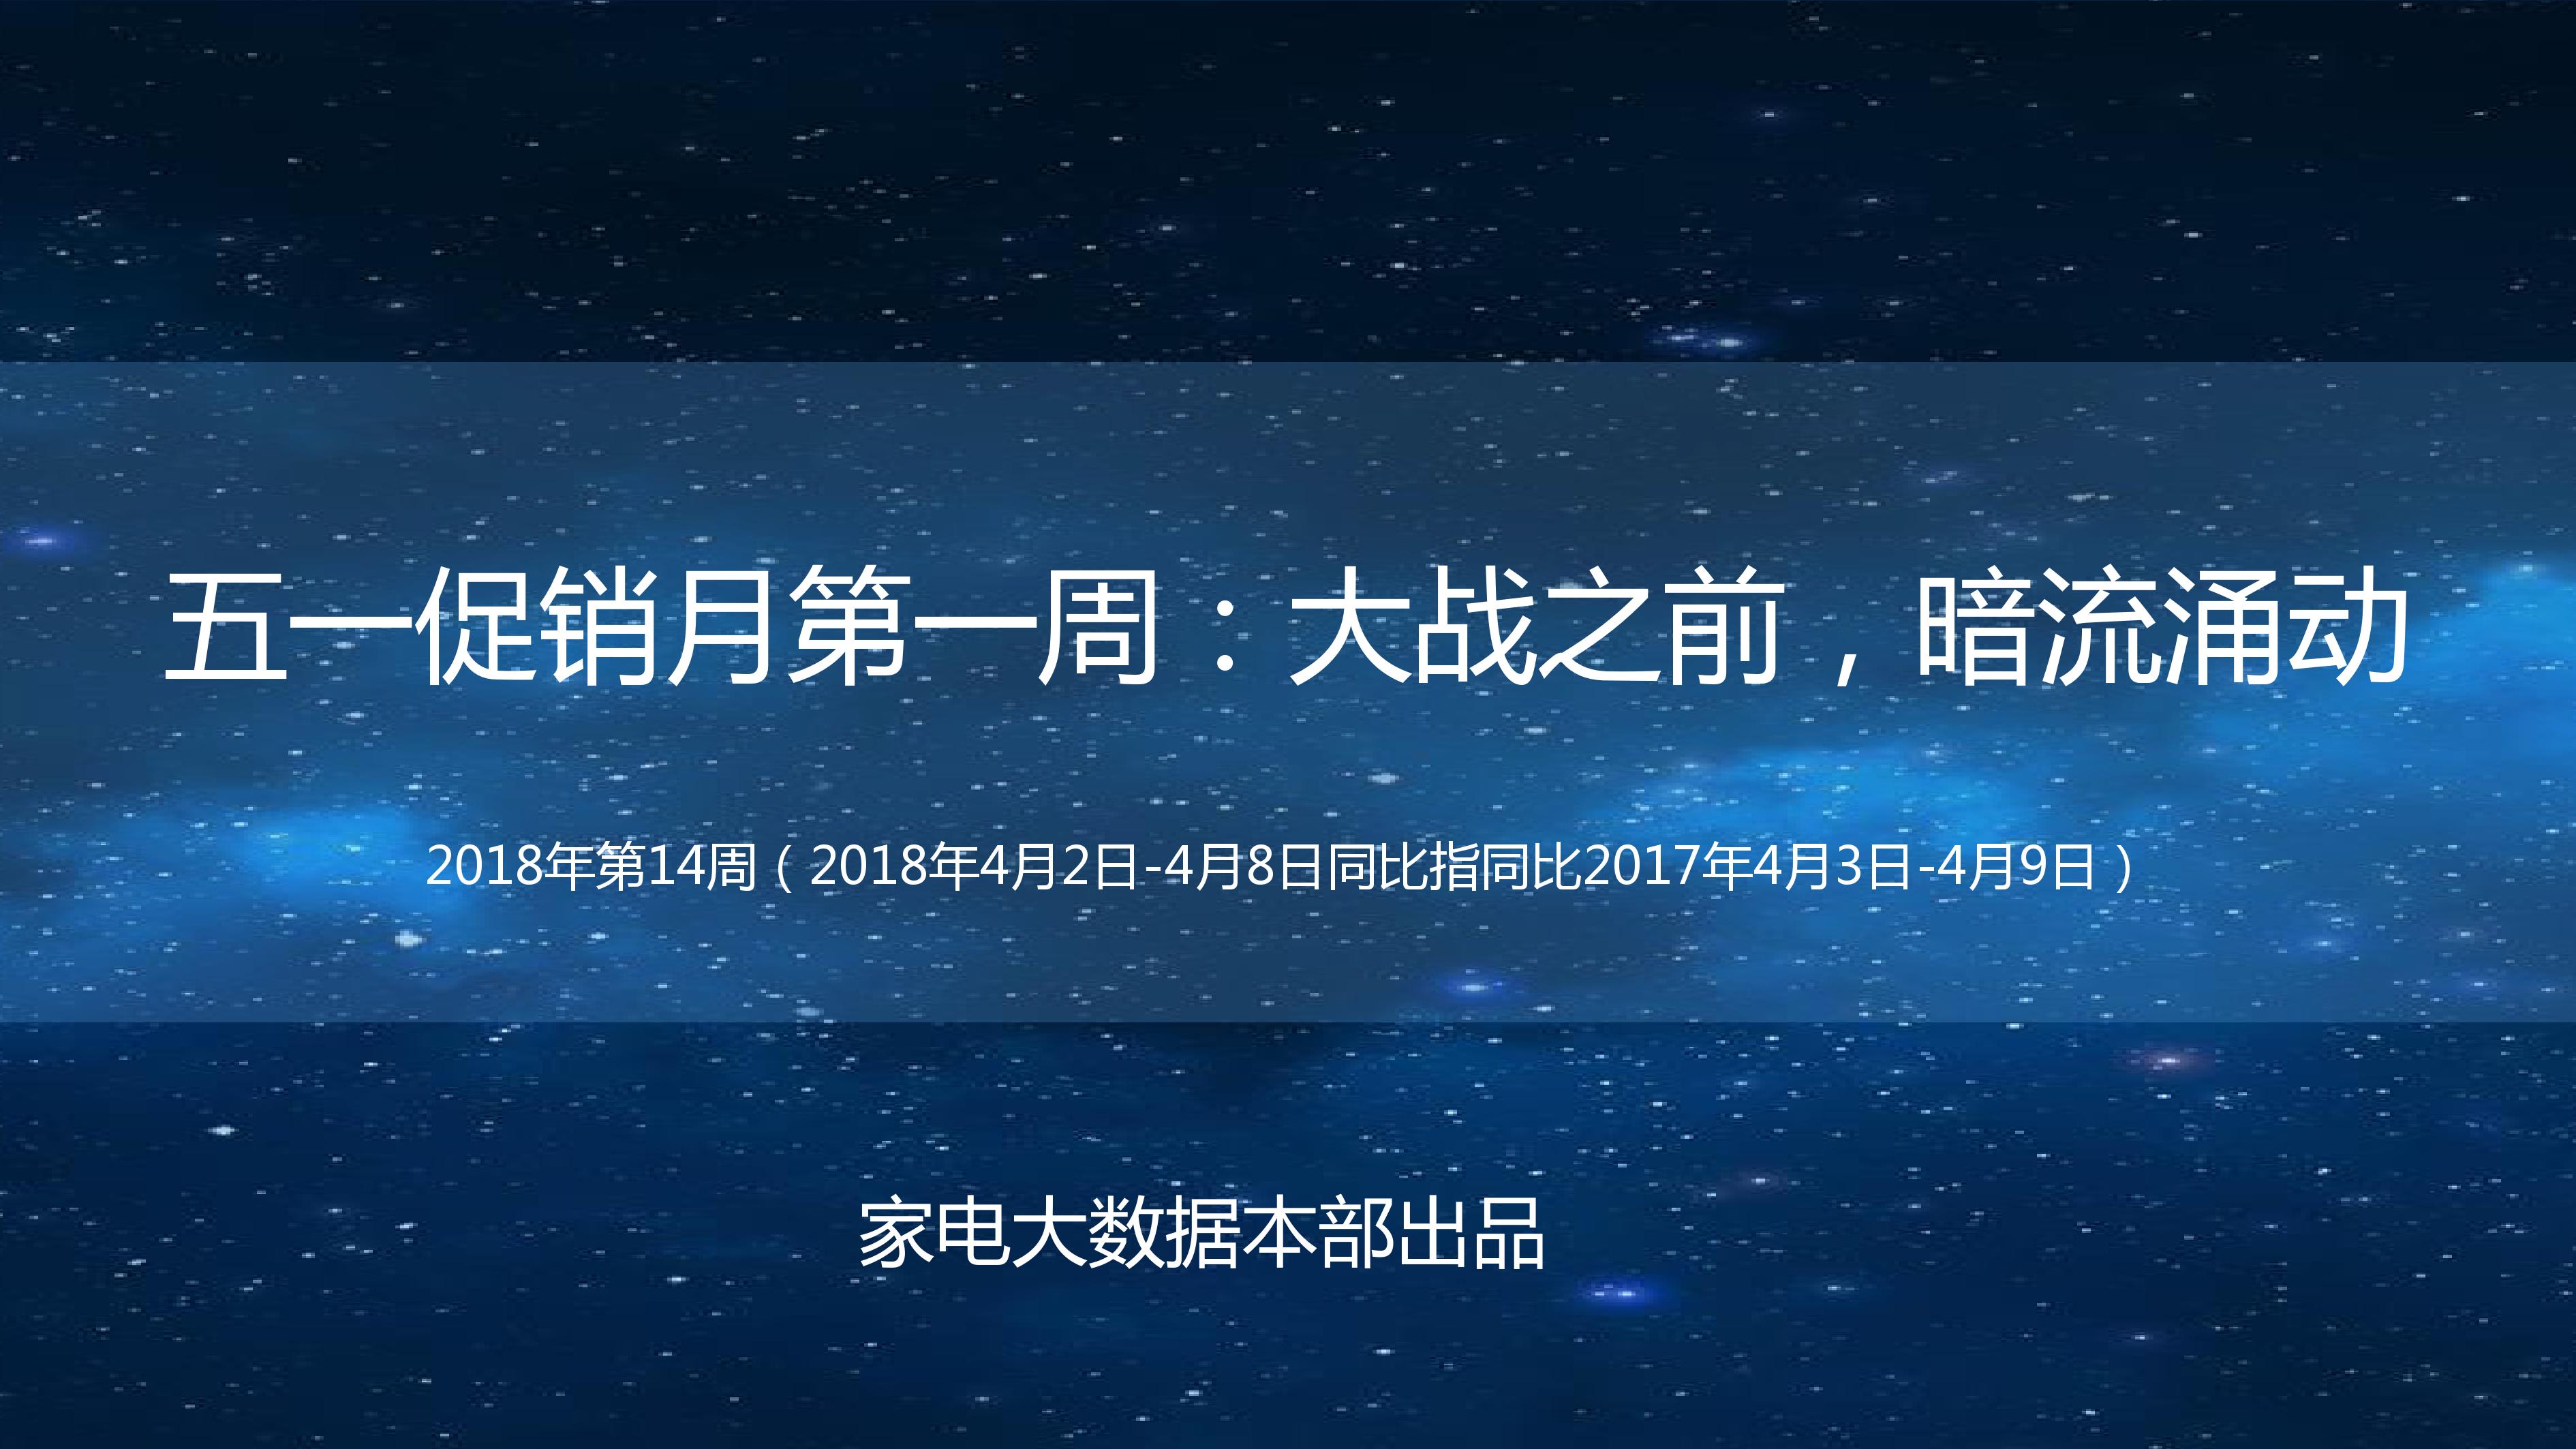 奥维云网:2018年五一促销季第一周家电市场总结